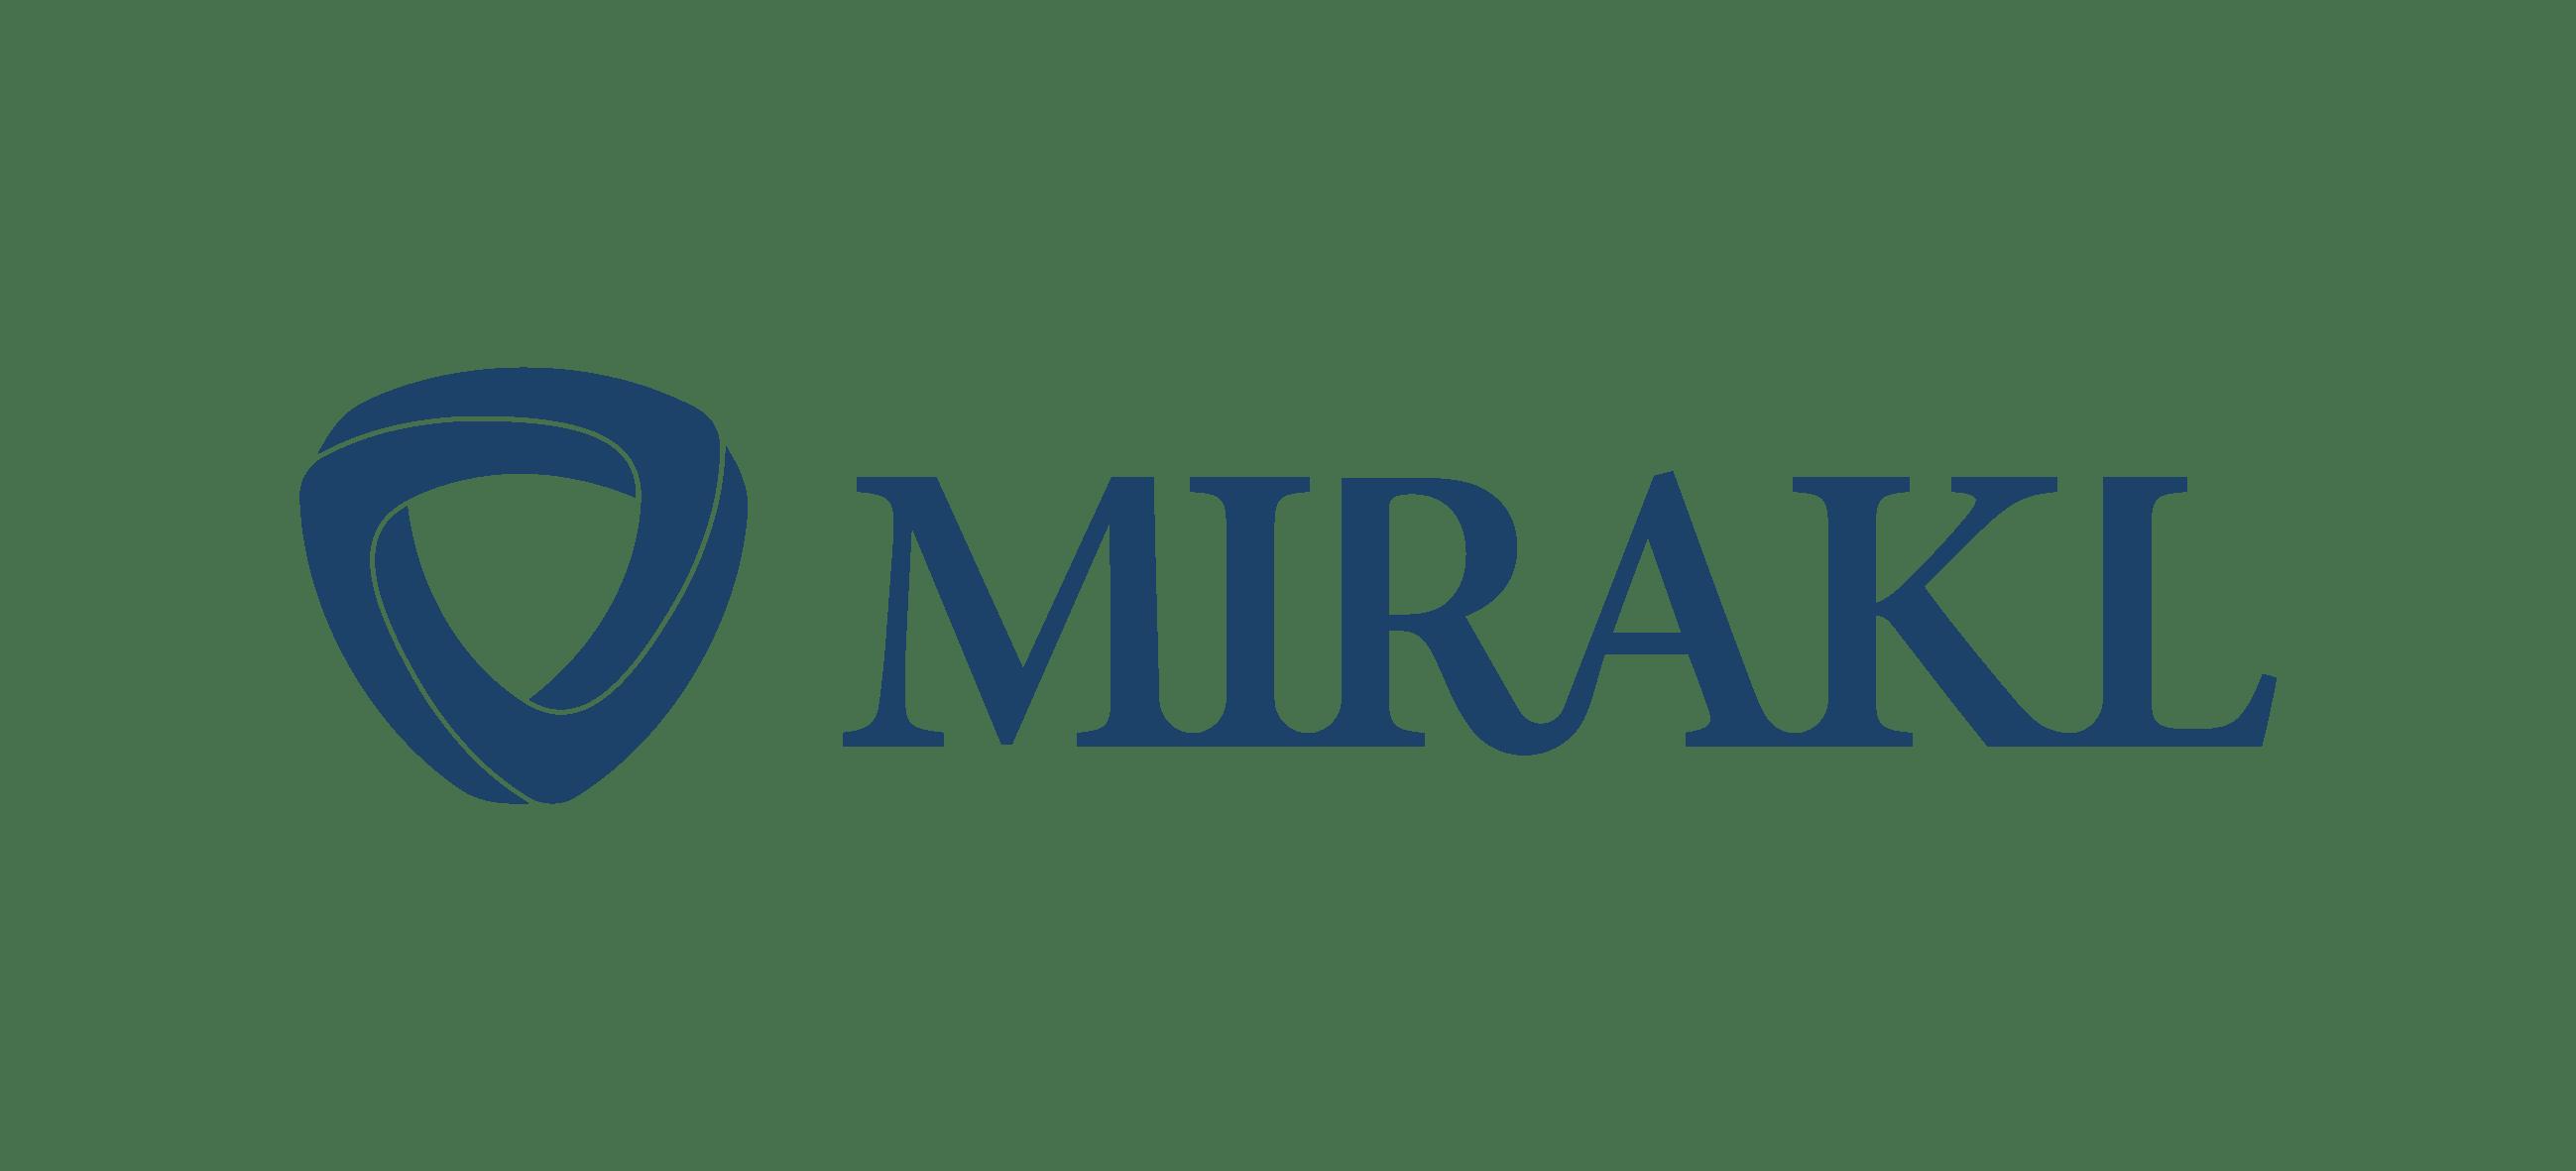 Mirakl company logo